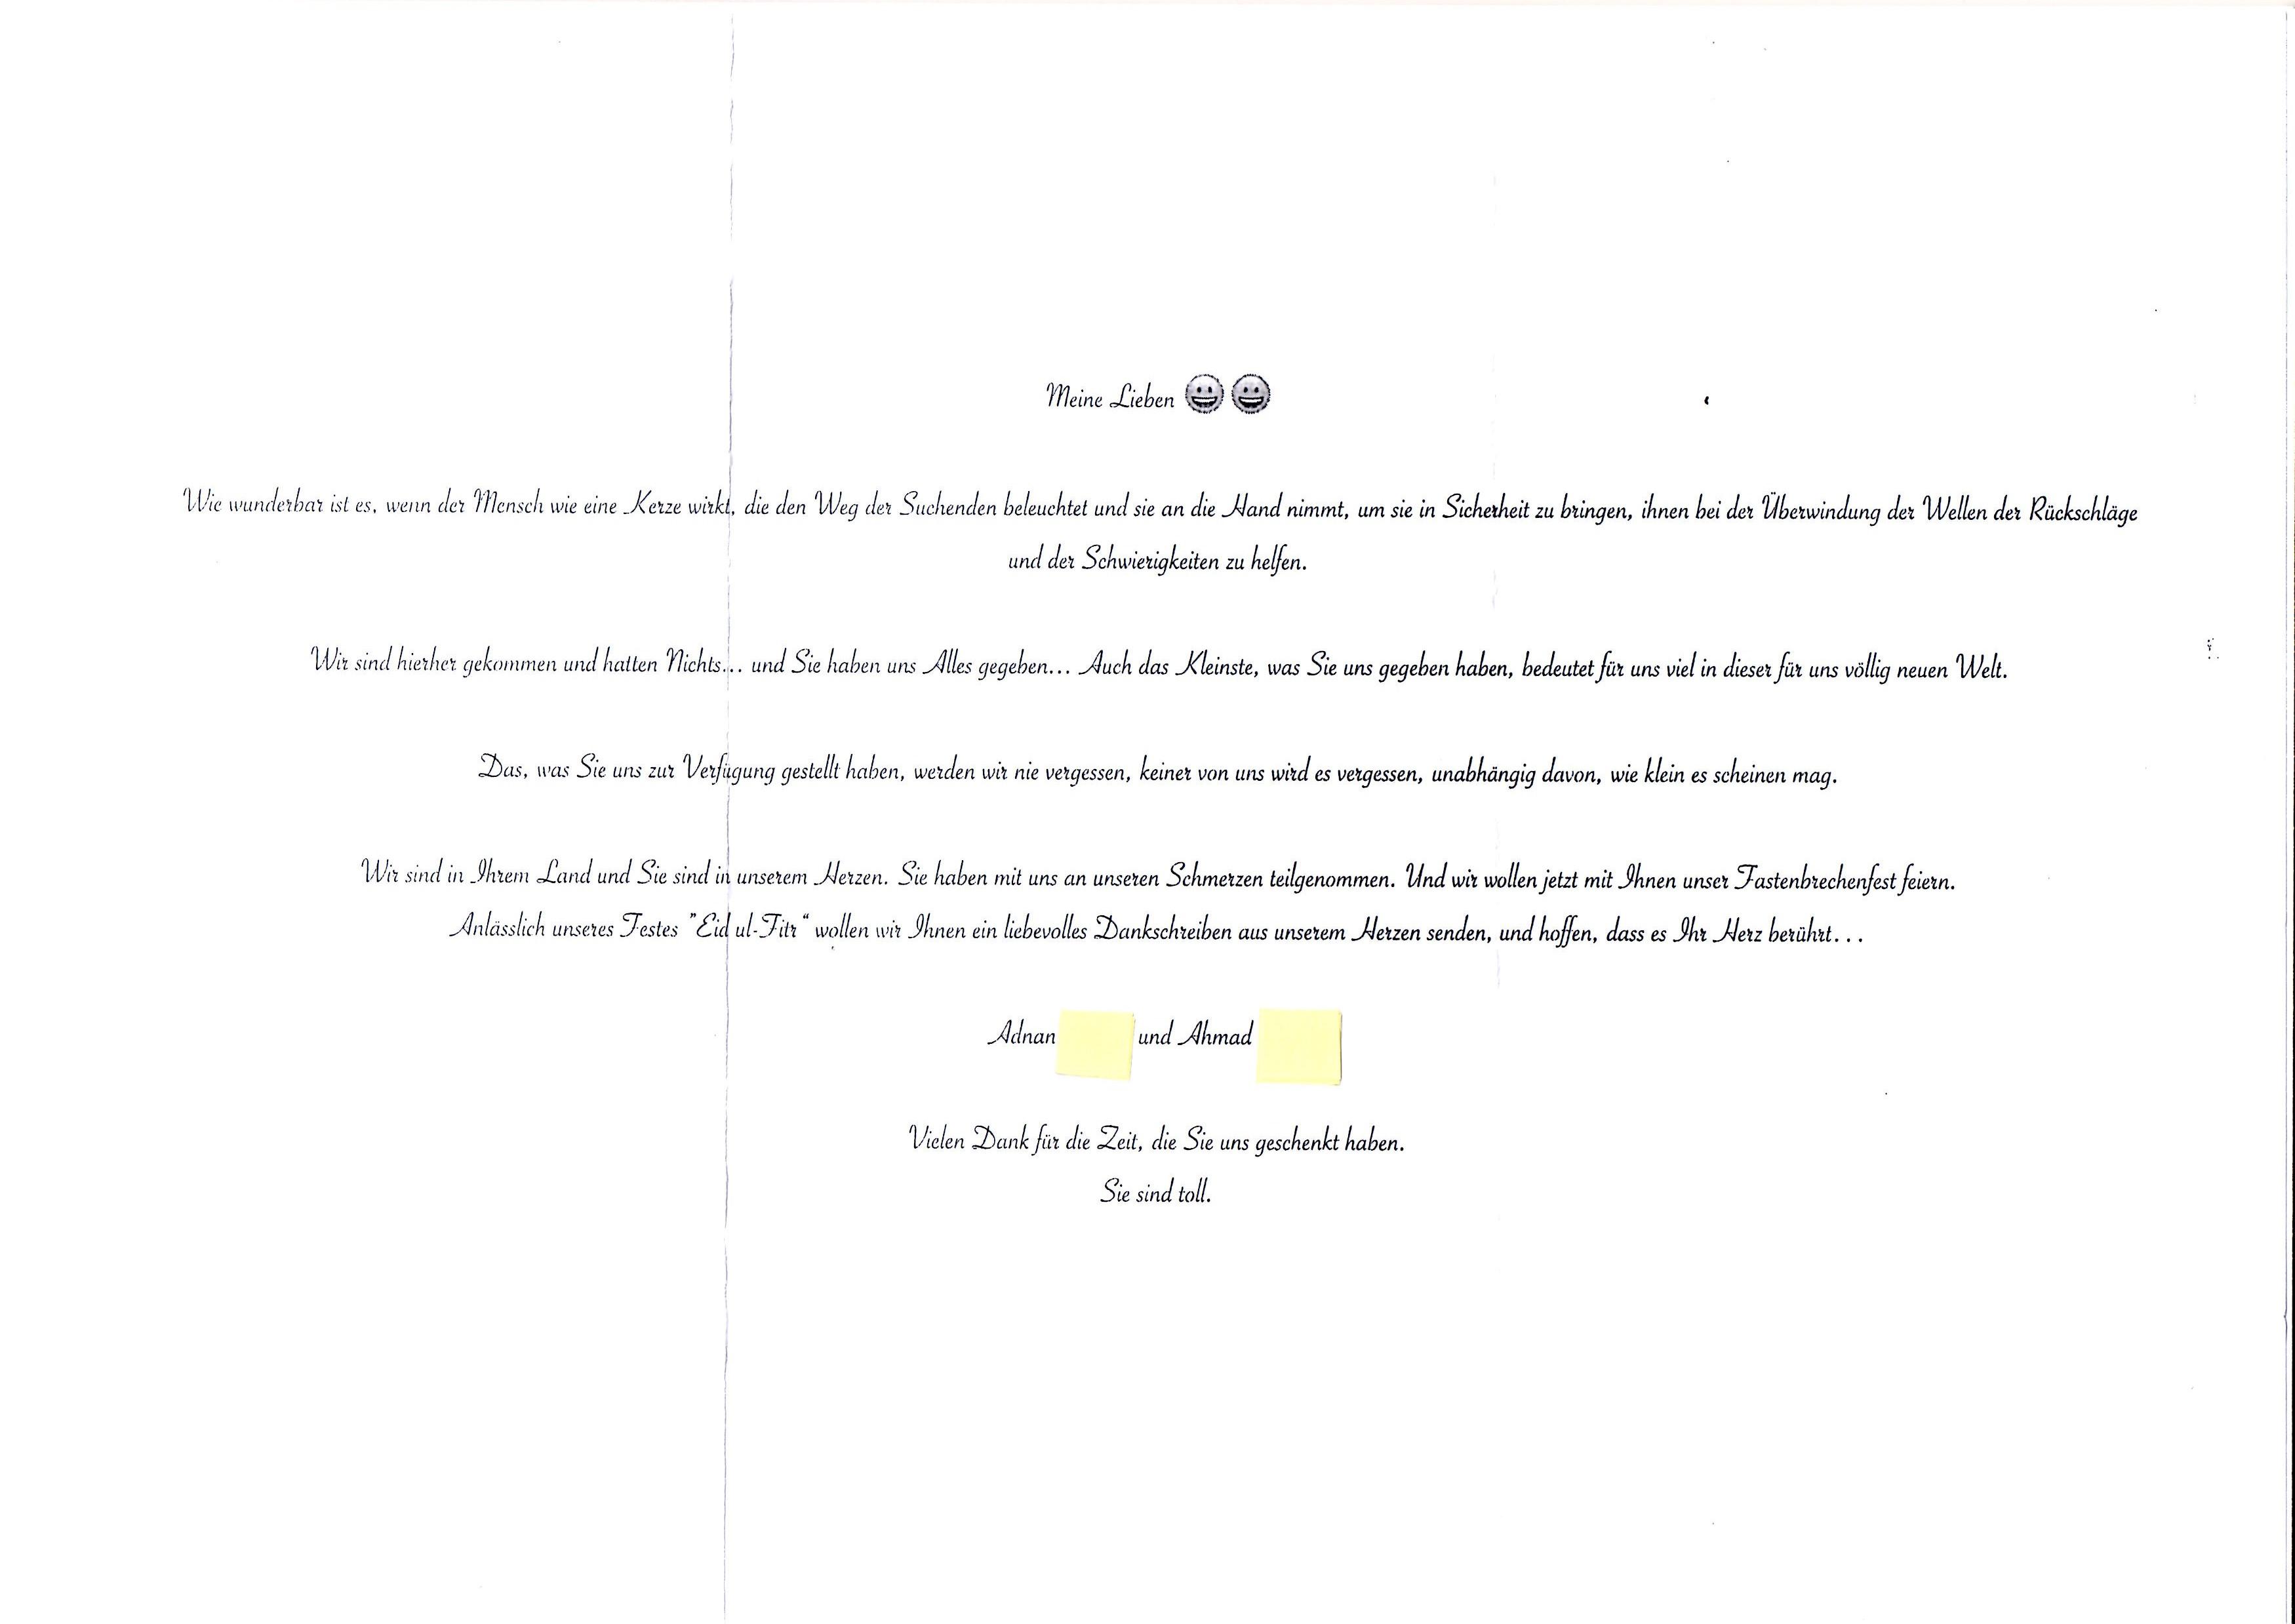 Charmant Dankesbriefe Für Empfehlung Galerie - Bilder für das ...